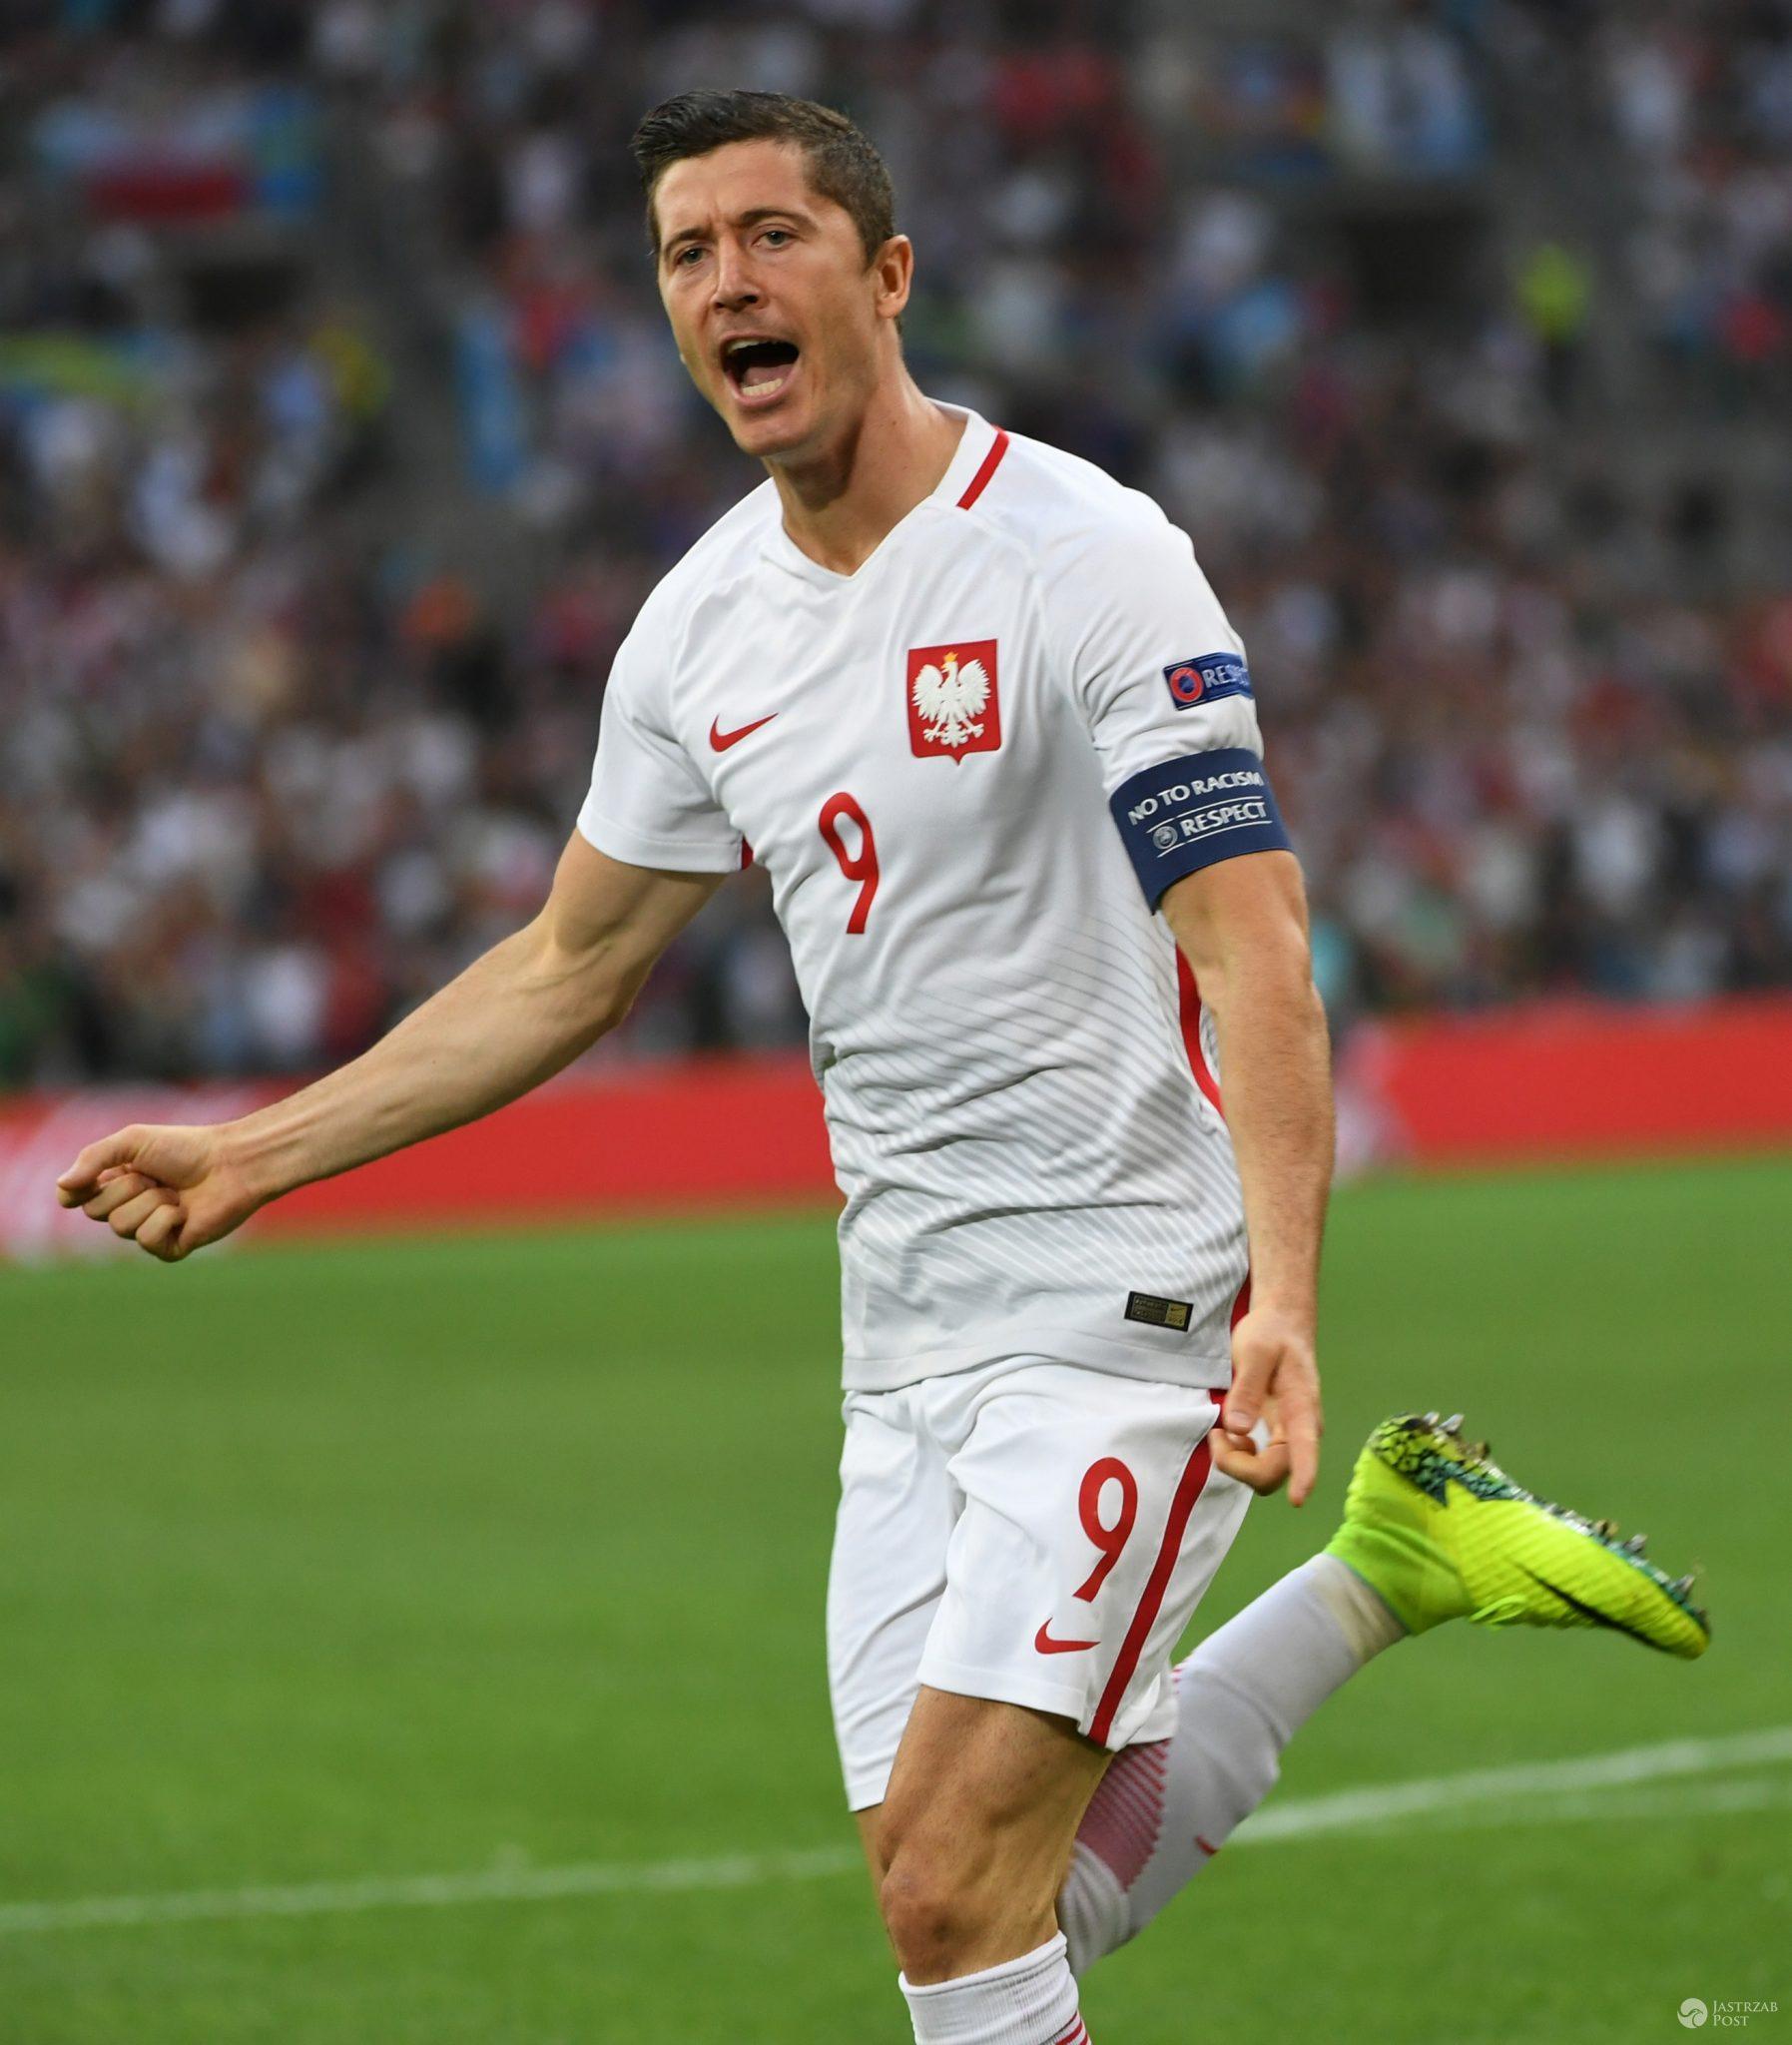 Robert Lewandowski - 3. miejsce w rankingu najczęściej komentowanych w trakcie EURO 2016